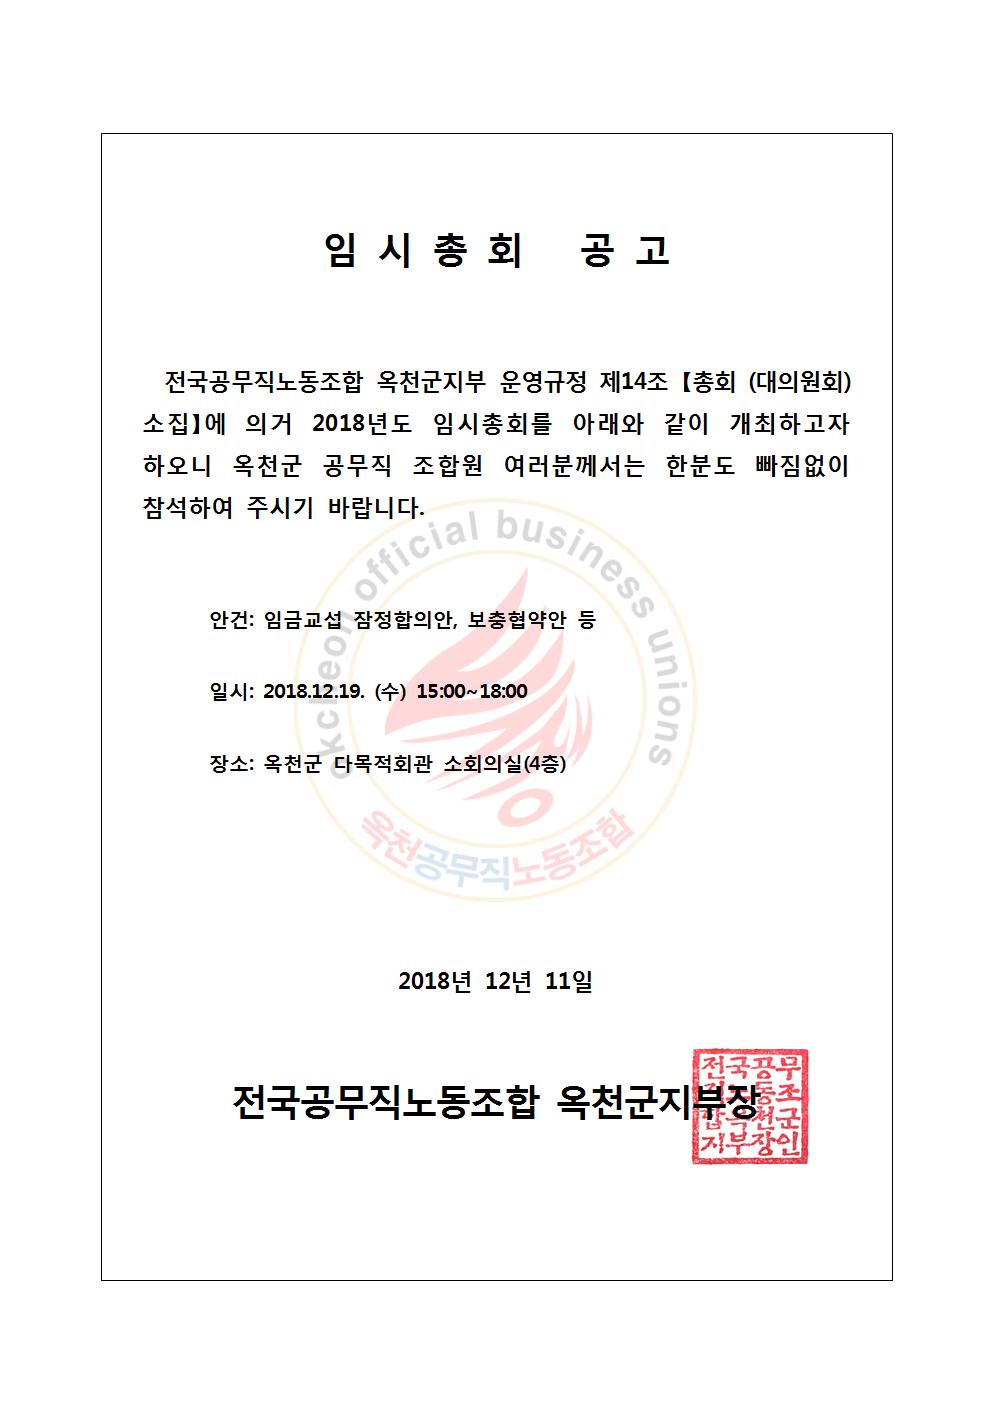 공고_임시총회.png